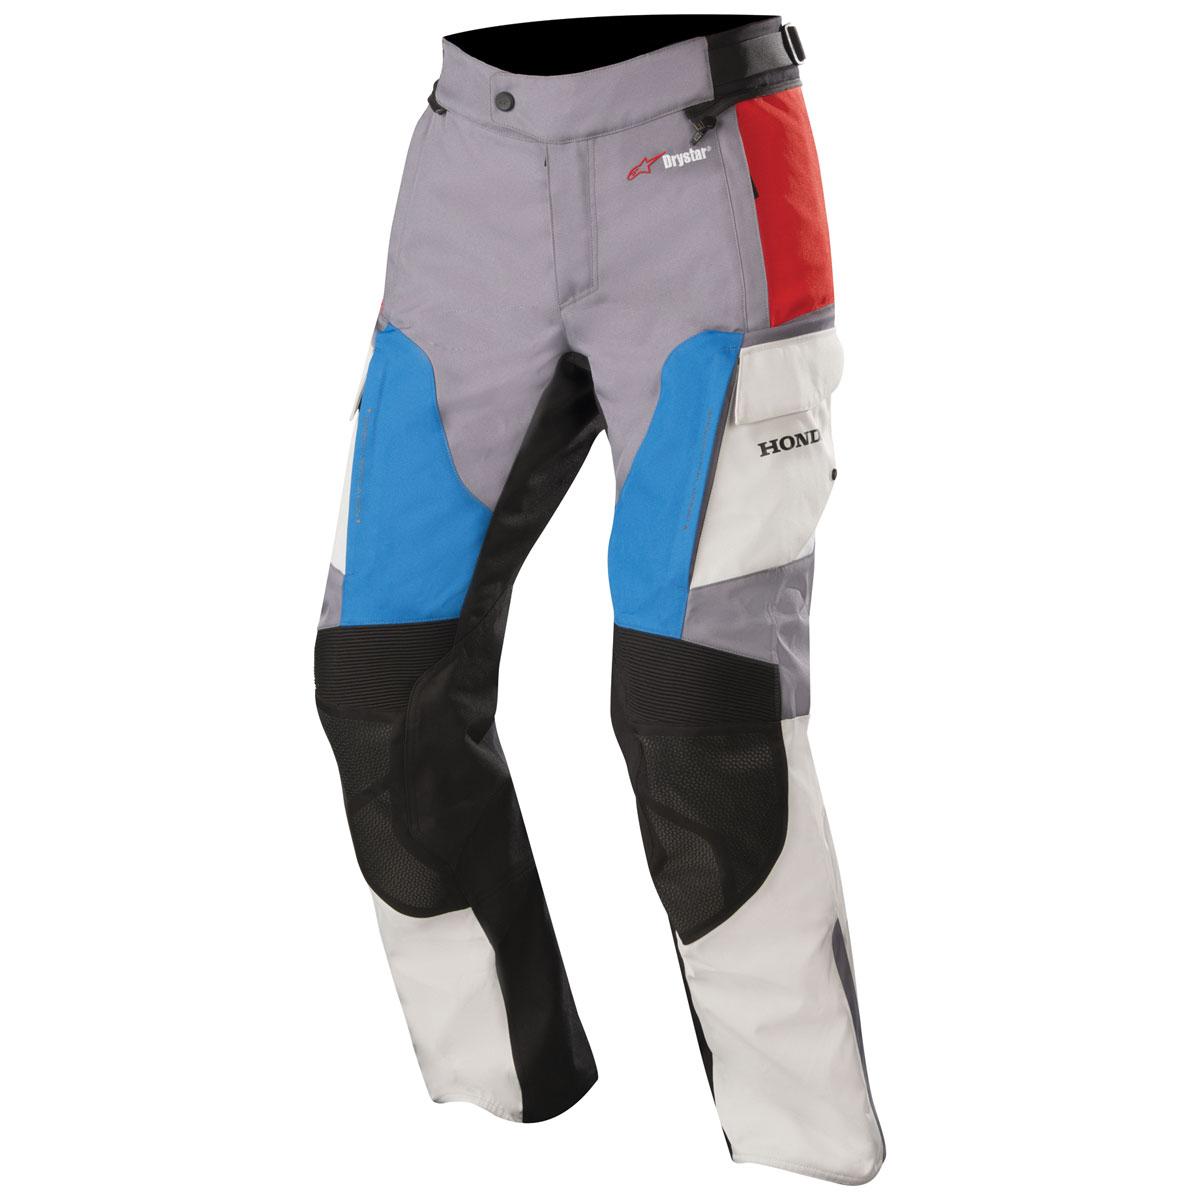 Alpinestars Men's Andes v2 Drystar Honda Gray/Red/Black Riding Pants